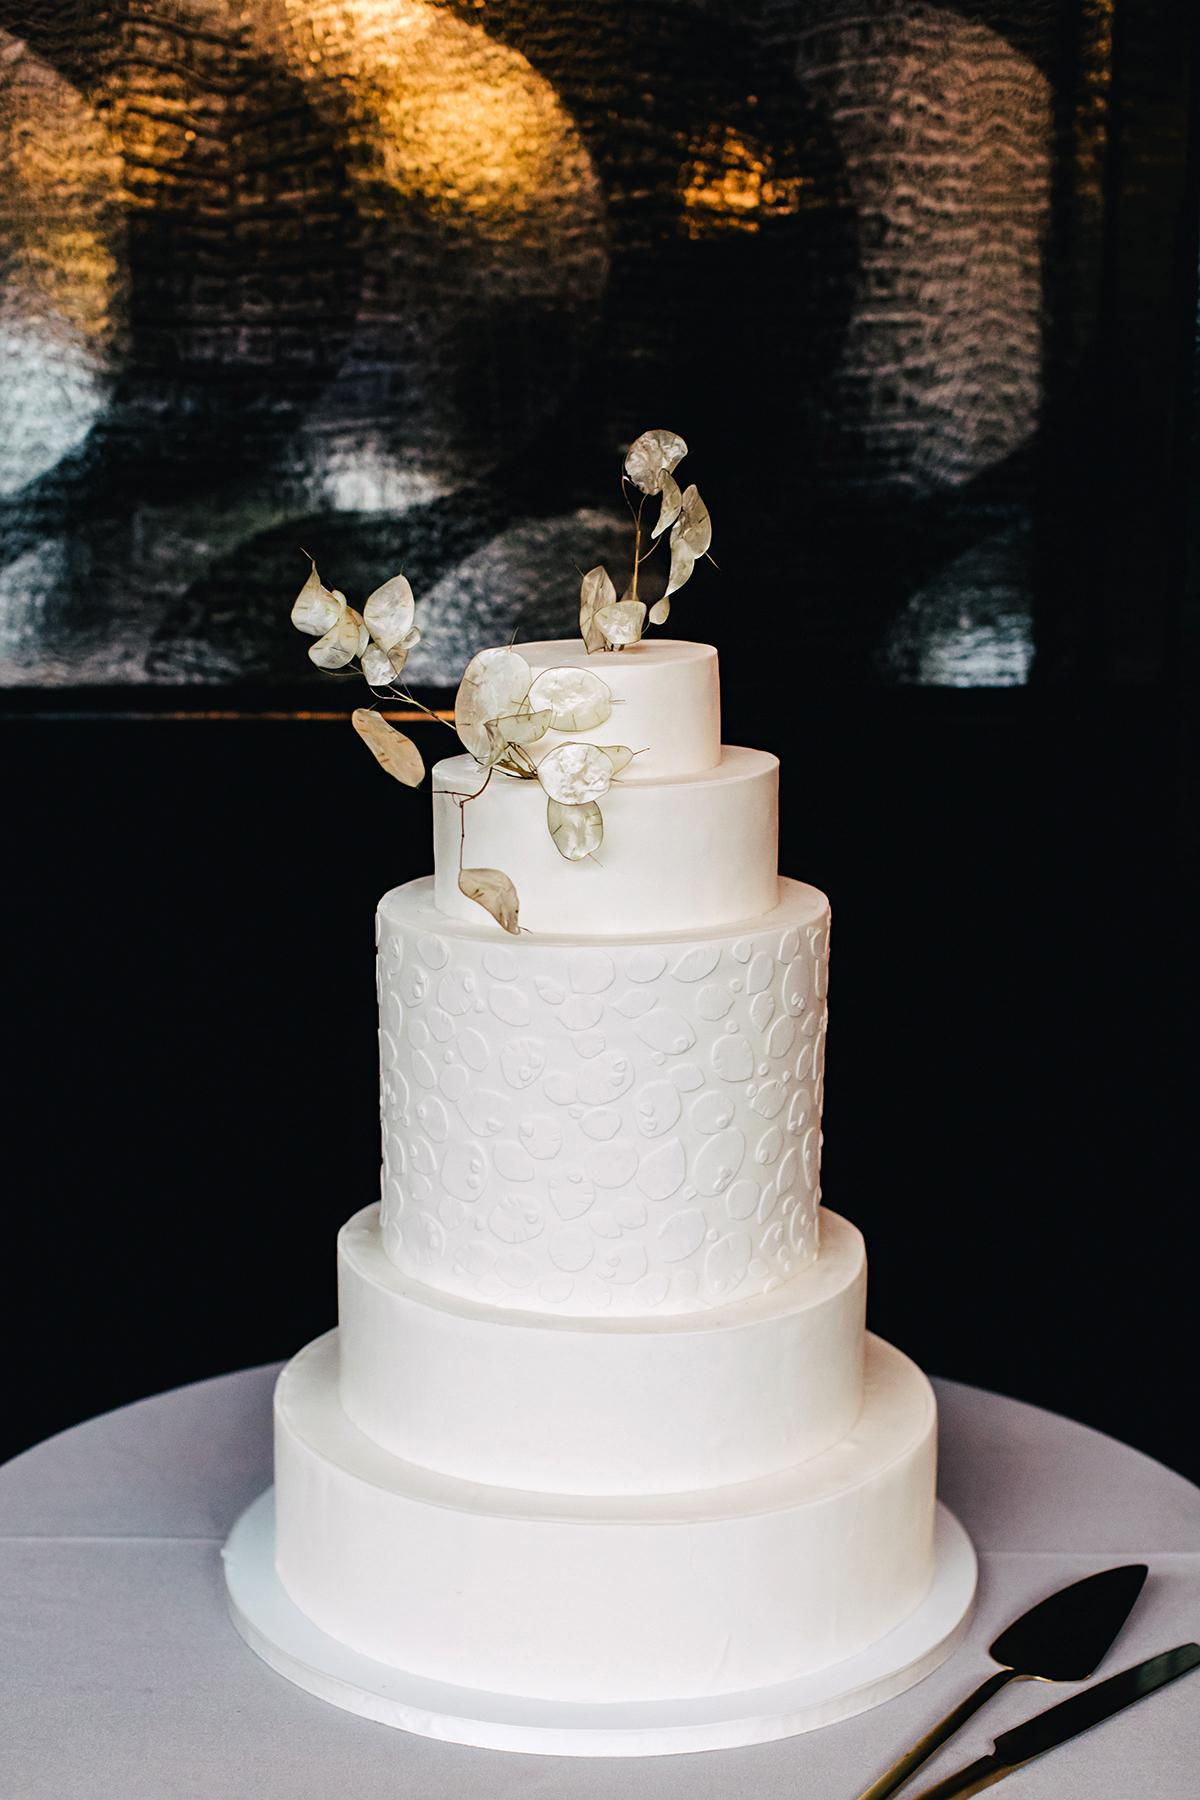 ana and damon simple wedding cake